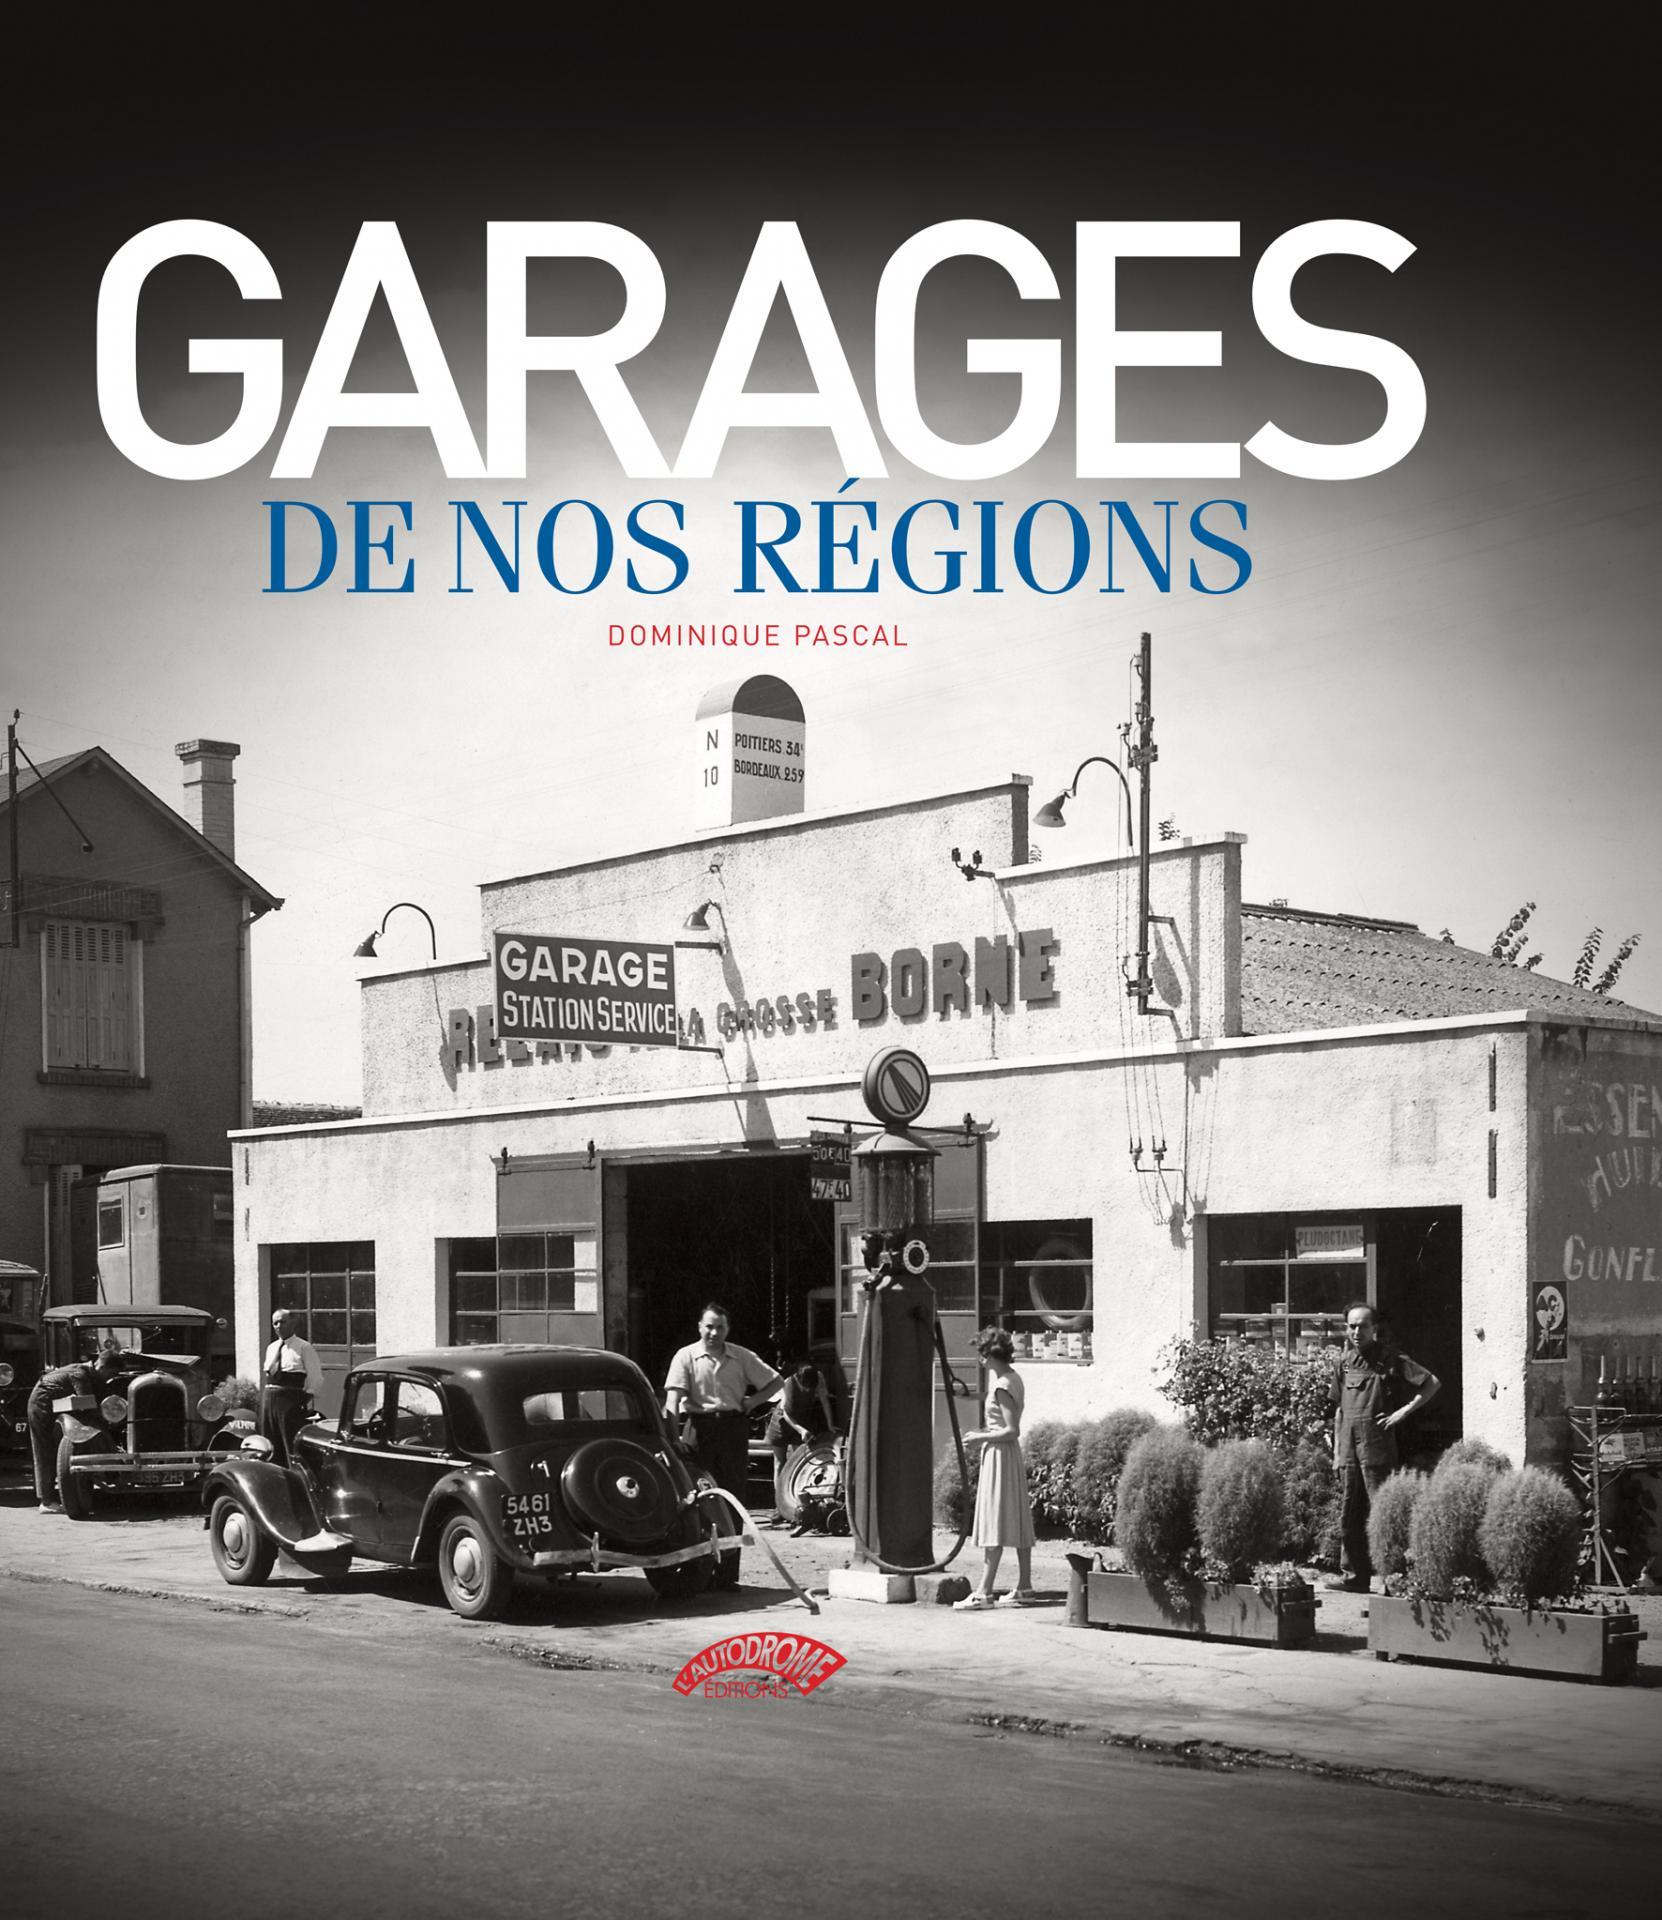 Garages de nos régions